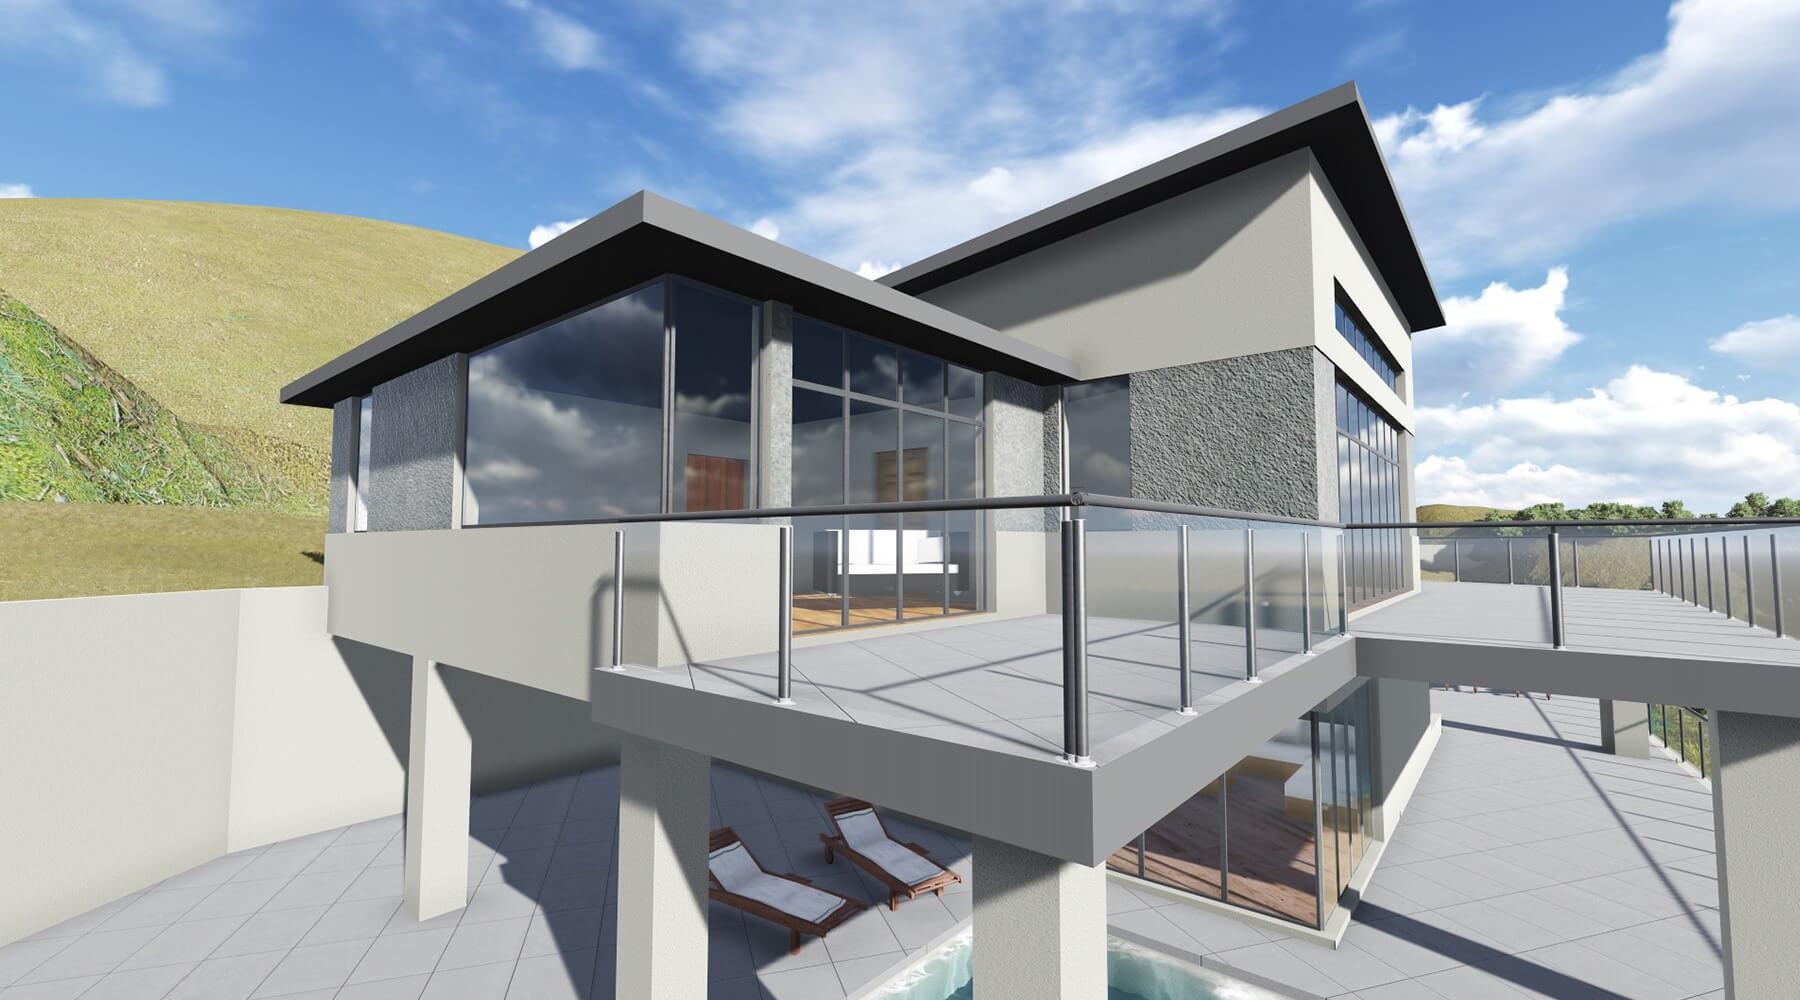 Architectural design ids structural civil engineering for Designer east architectural engineering design consultants company